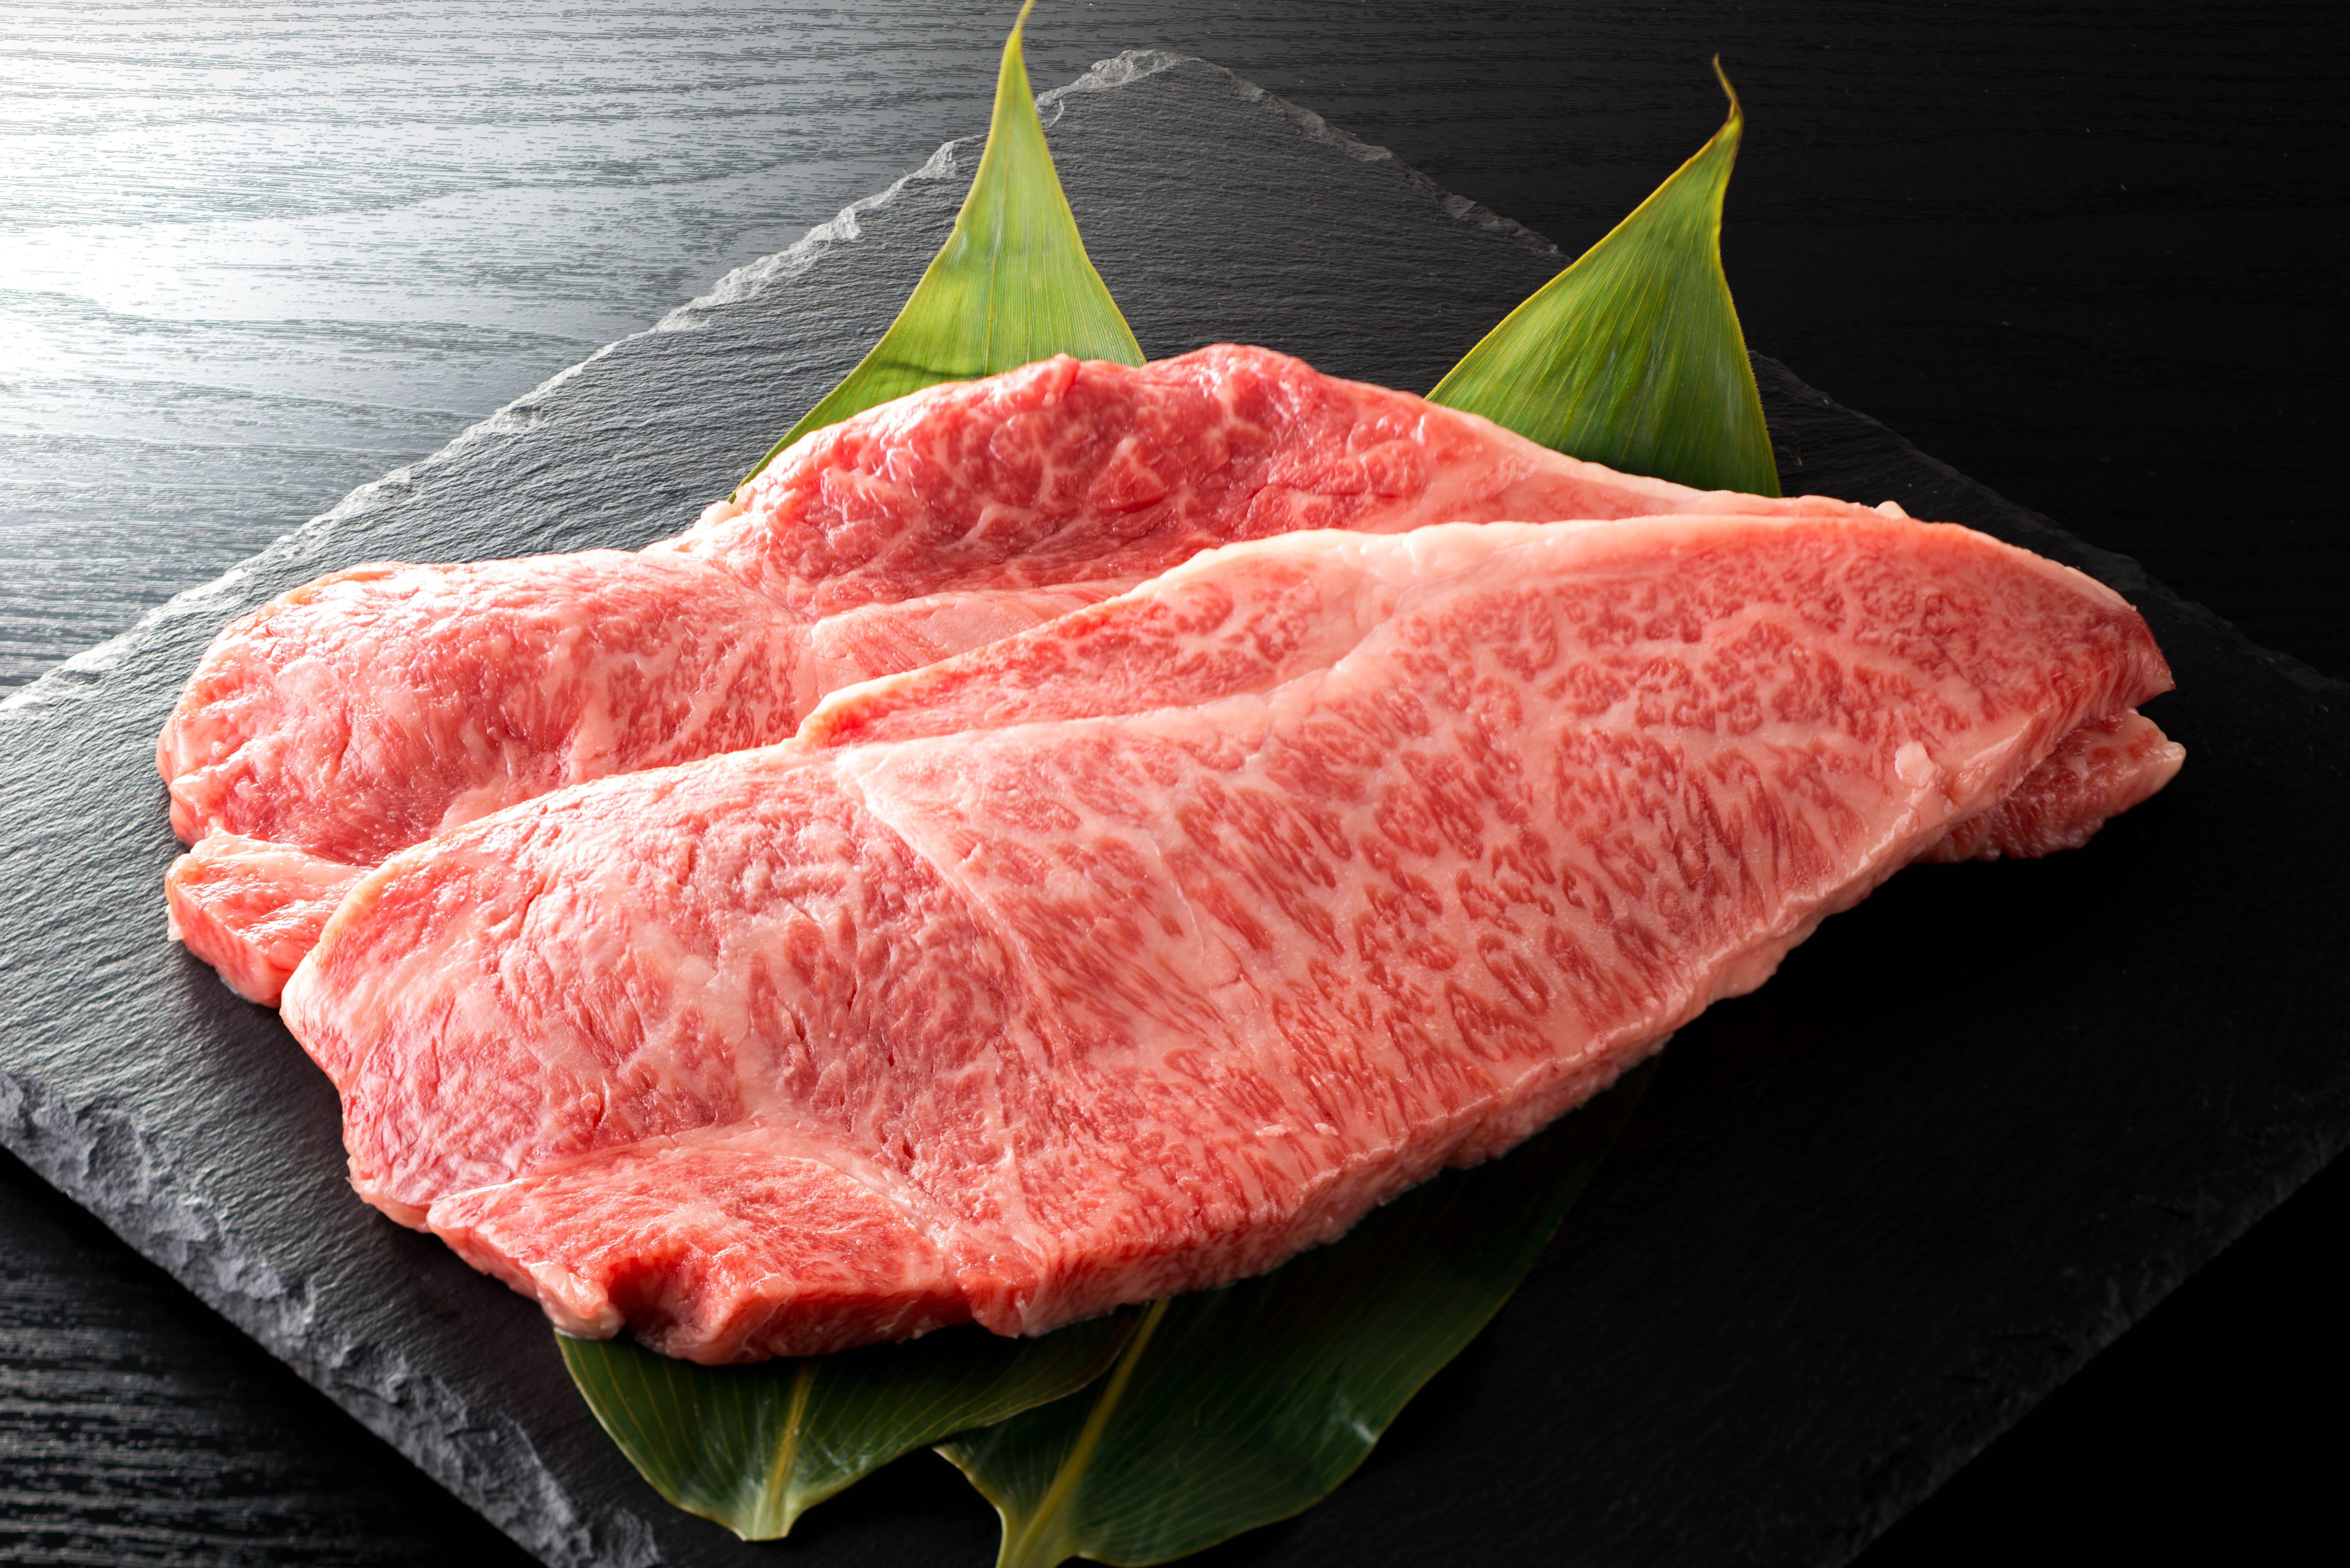 同じじゃなかった!「和牛」と「国産牛」の違い、知っていますか?